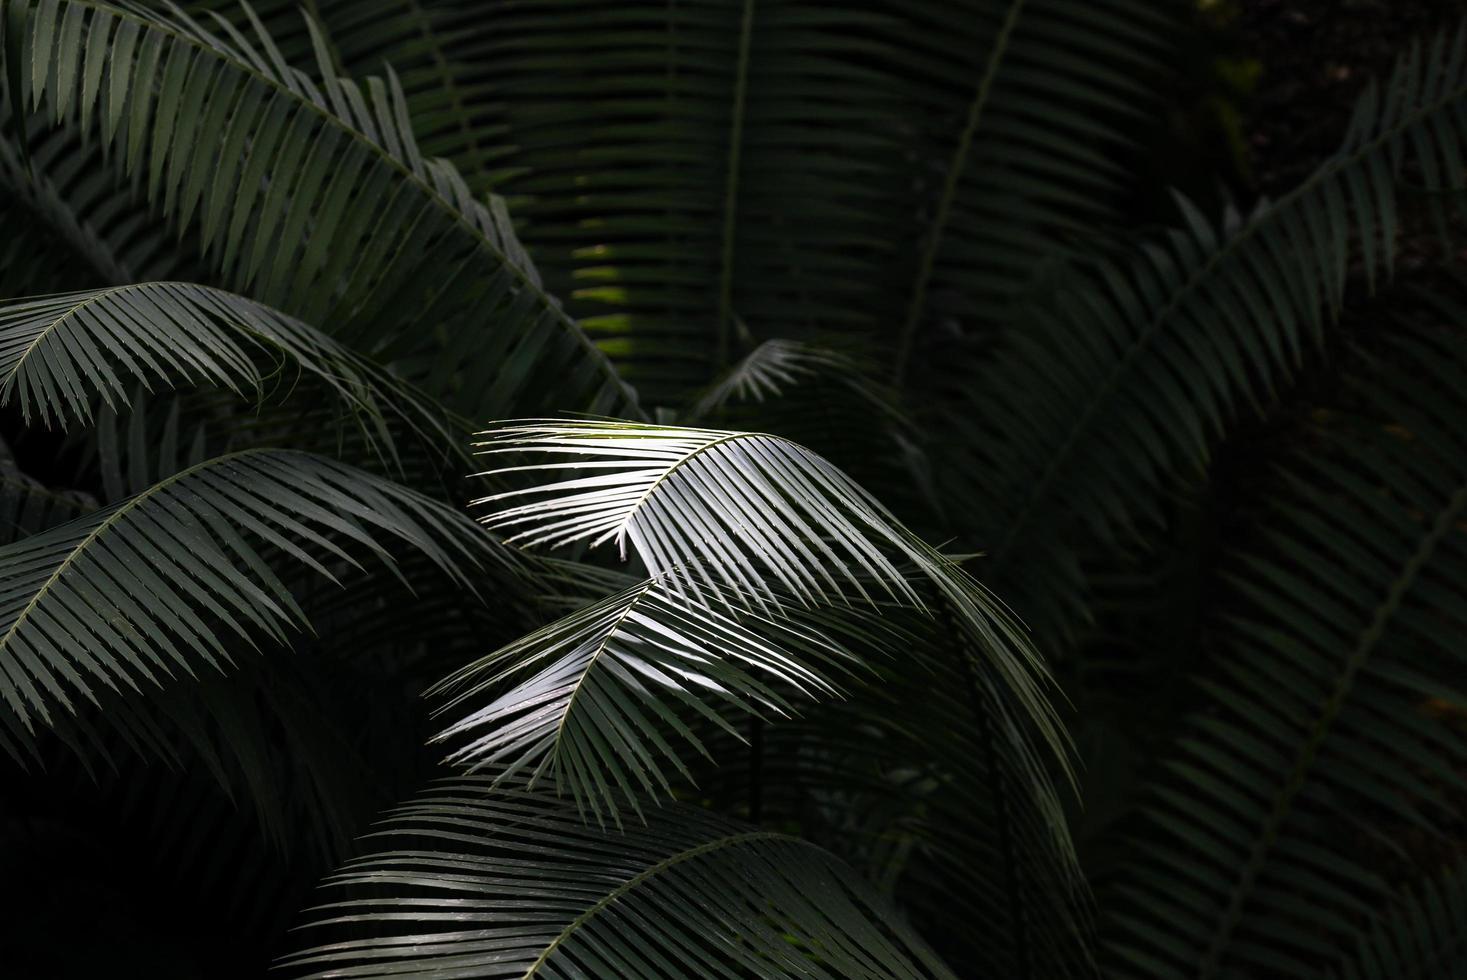 la lumière du soleil frappant la feuille de palmier photo